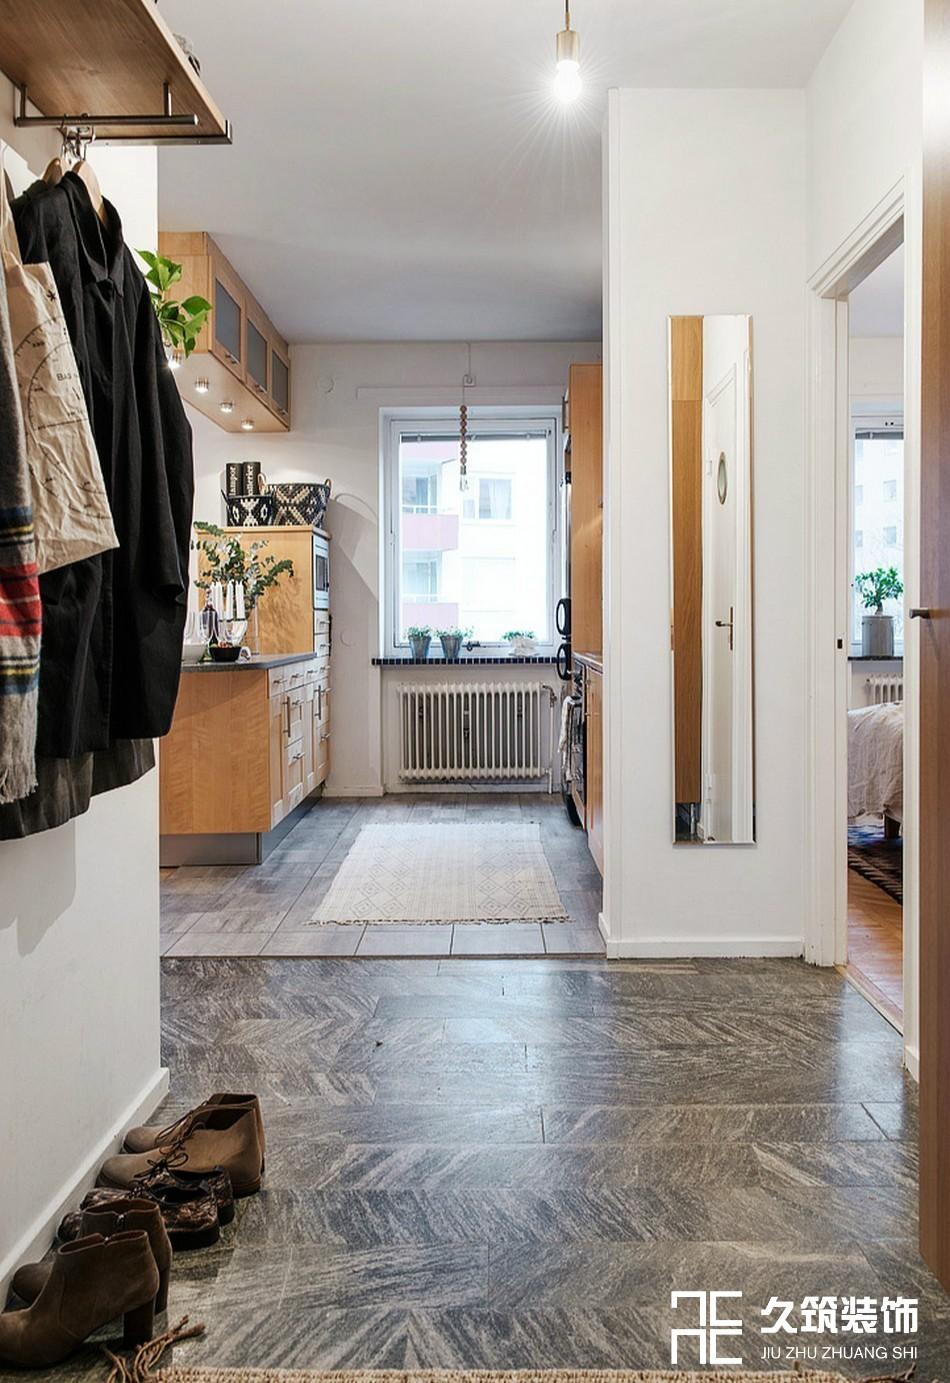 49㎡现代简约一居室小户型设计14476912